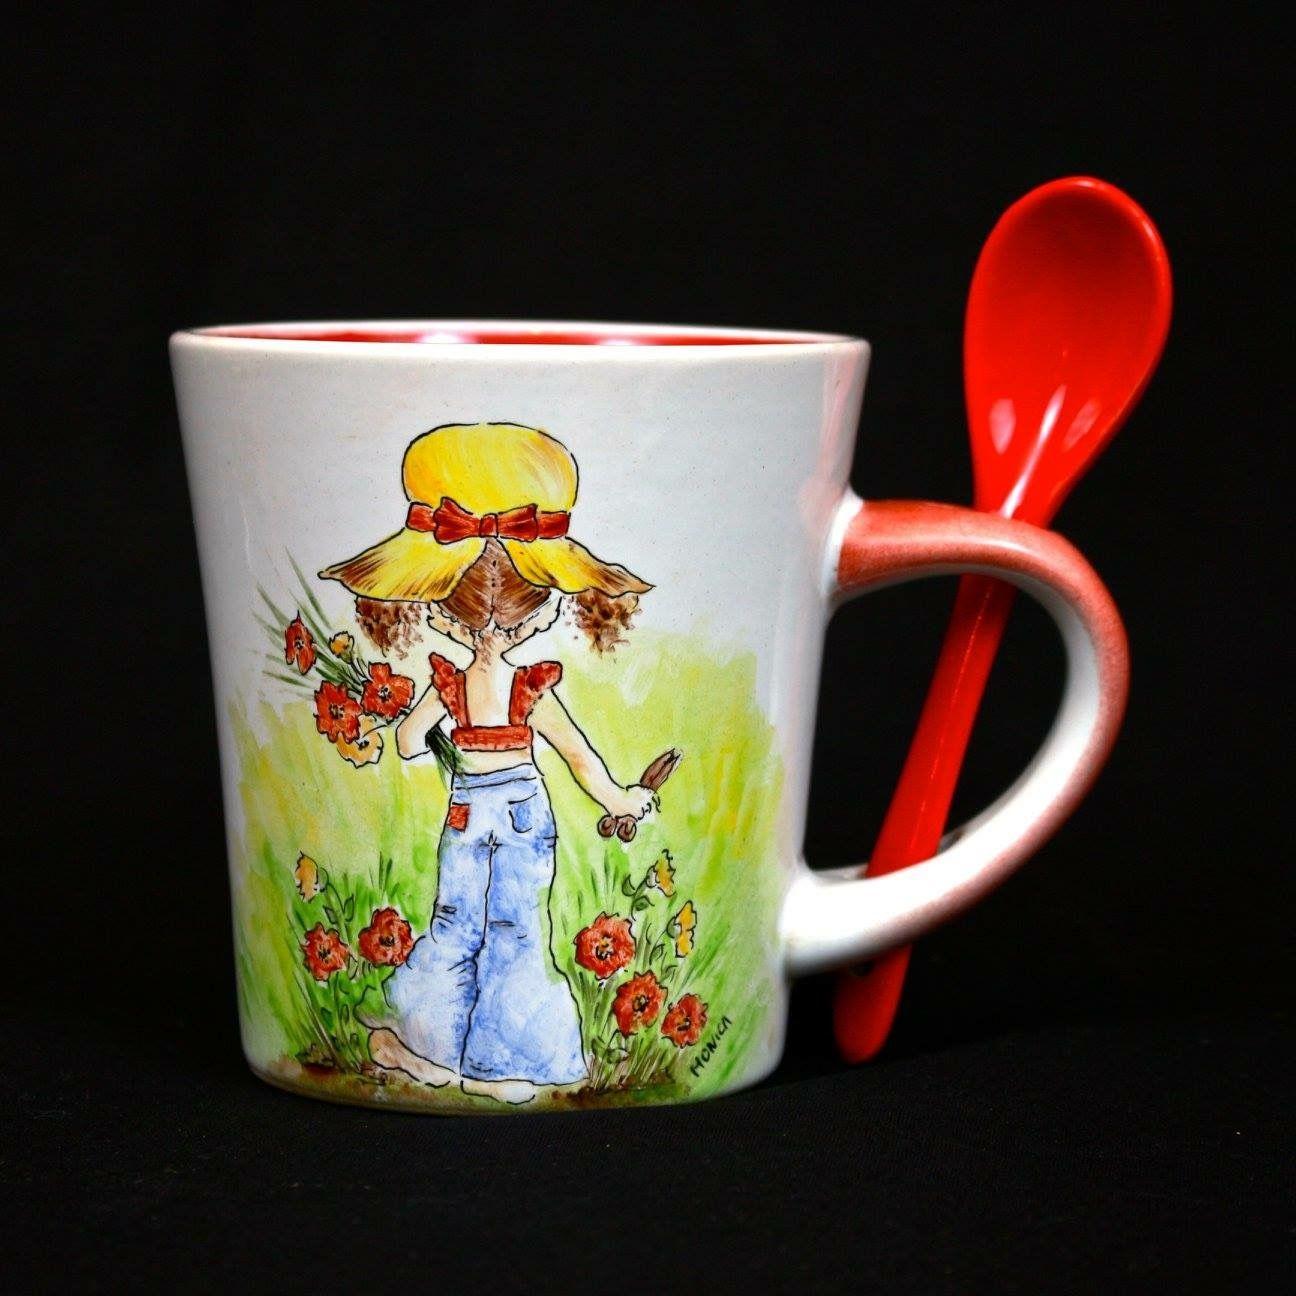 Mug dipinta a mano - tecnica terzo fuoco